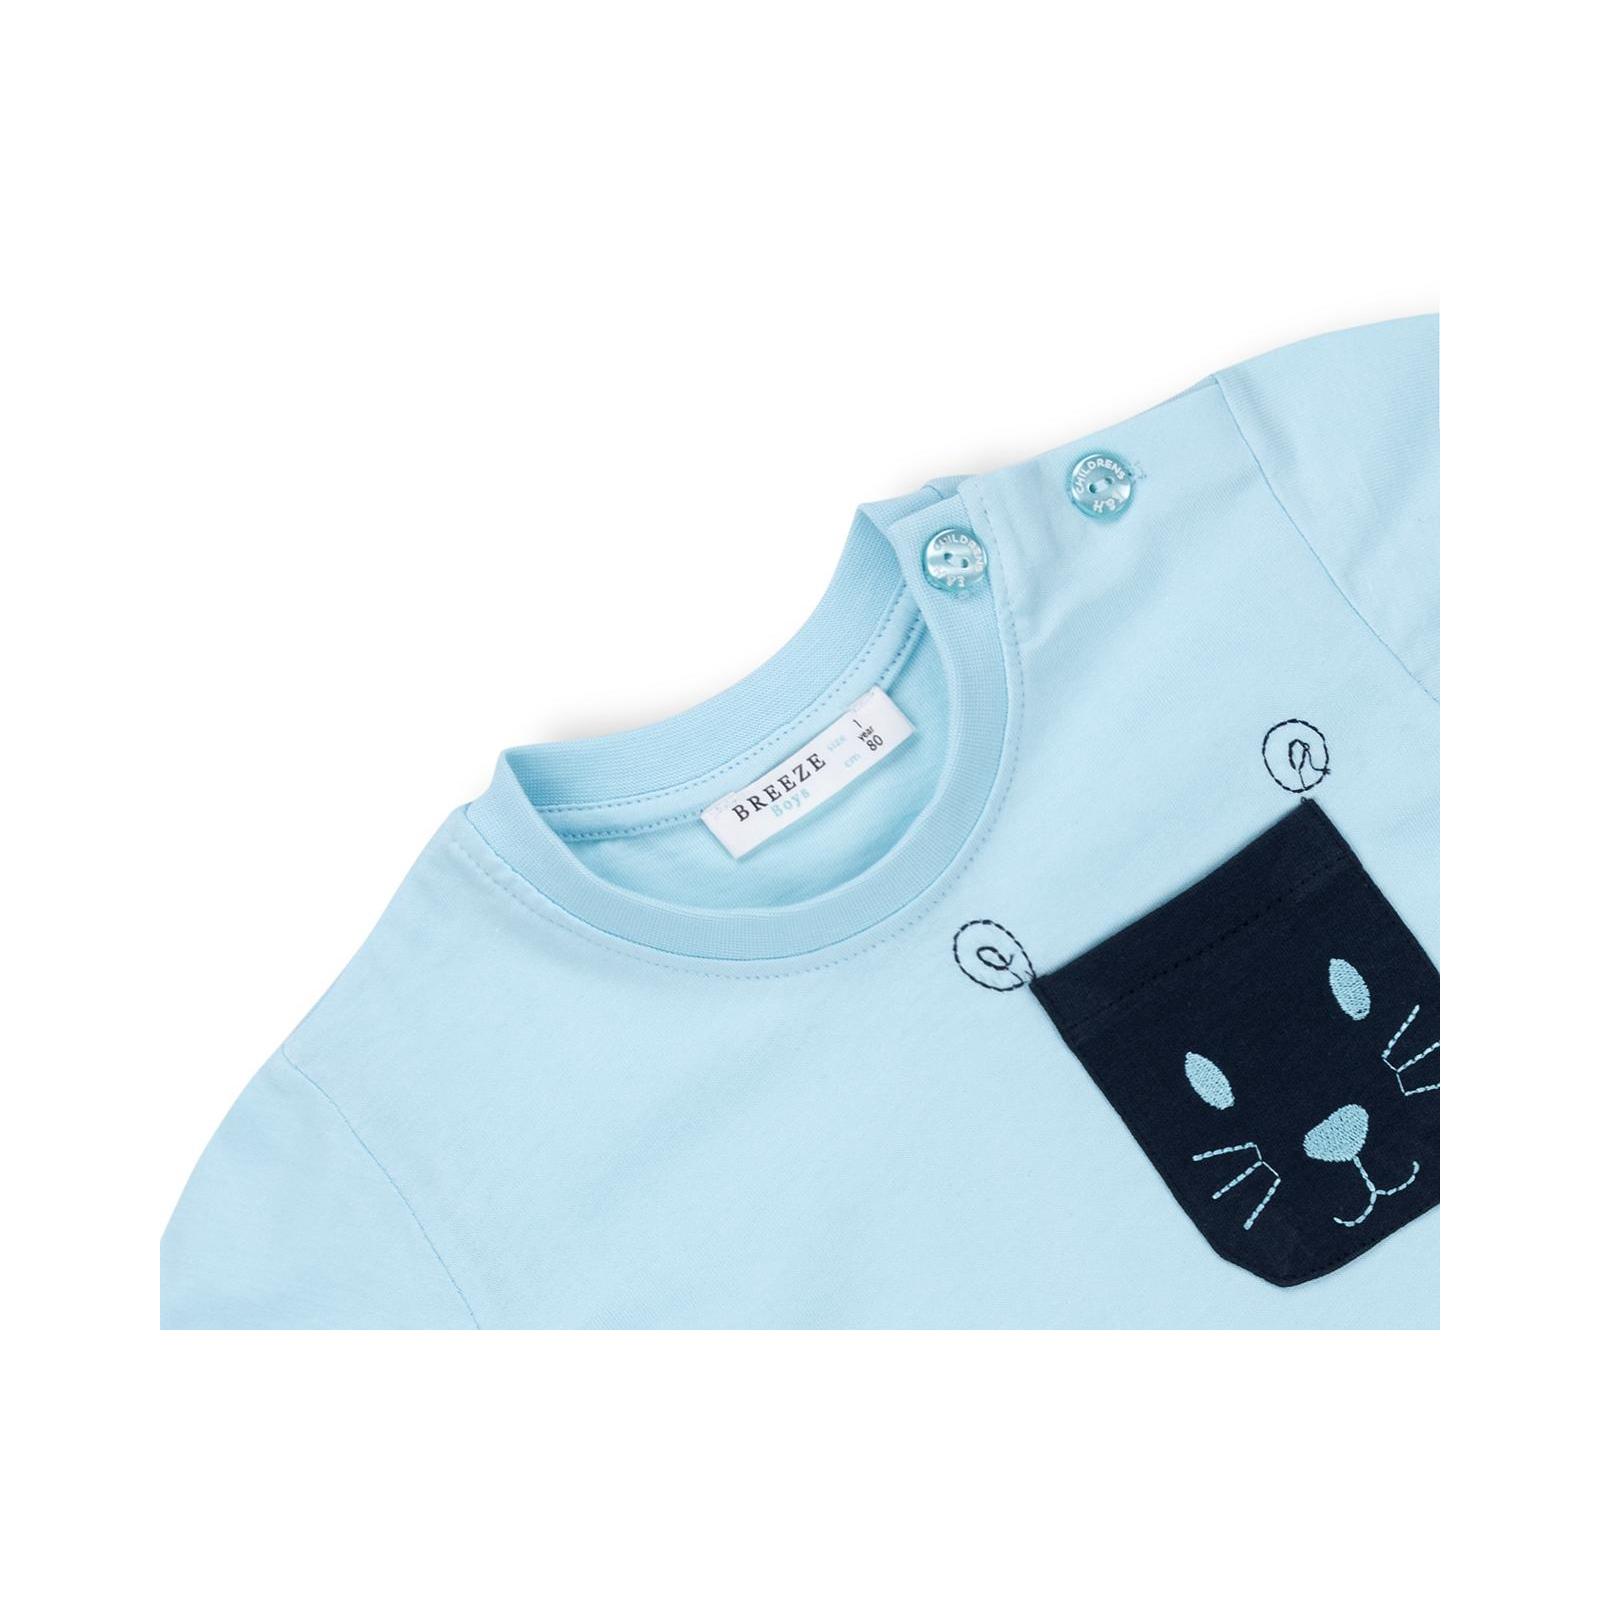 Набор детской одежды Breeze с карманчиками (10234-86G-blue) изображение 7